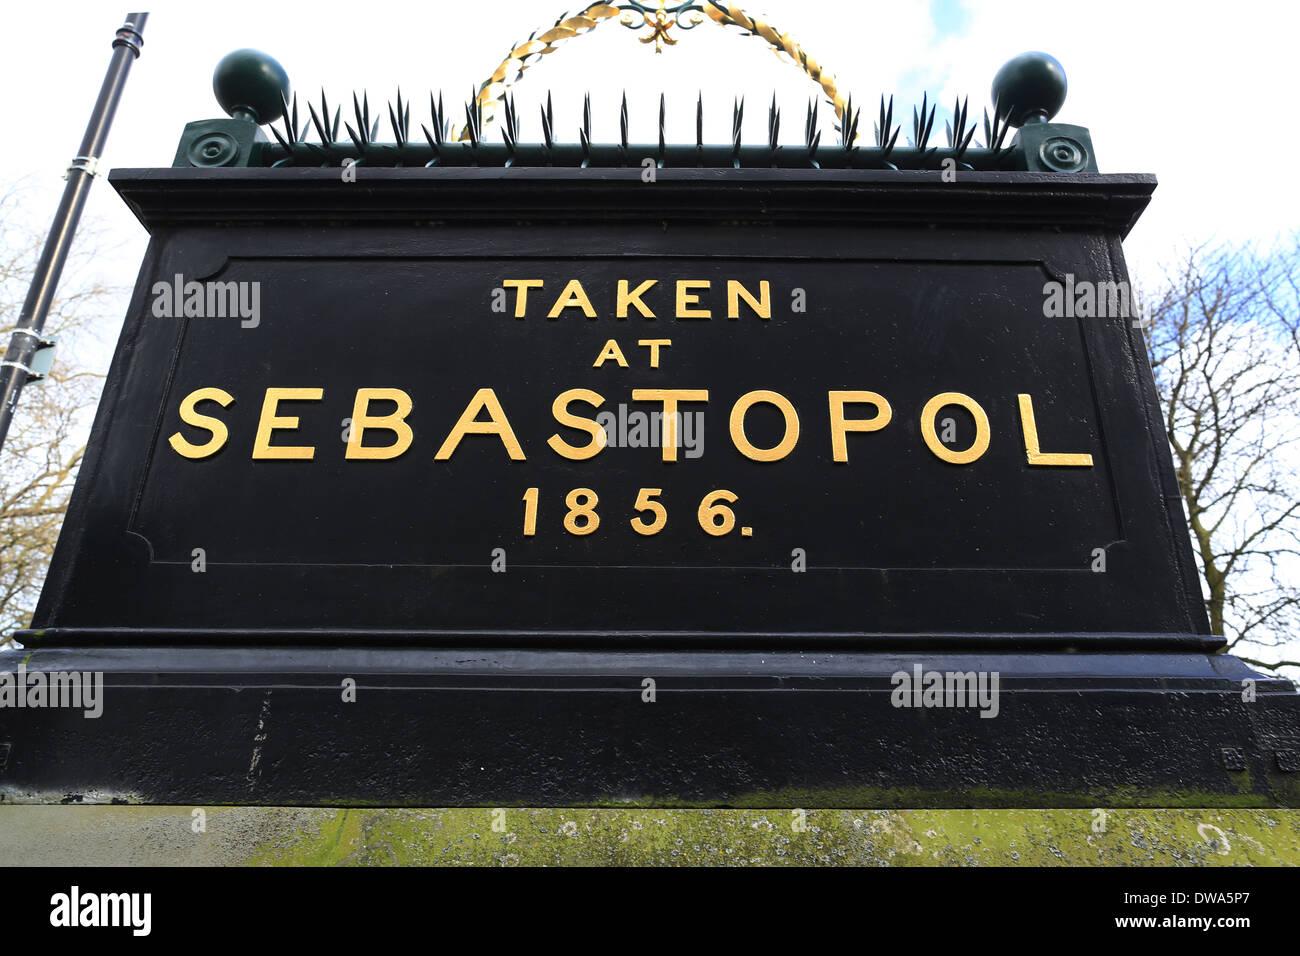 Sebastopol memorial in Cheltenham - Taken at Sebastopol 1856 - Stock Image